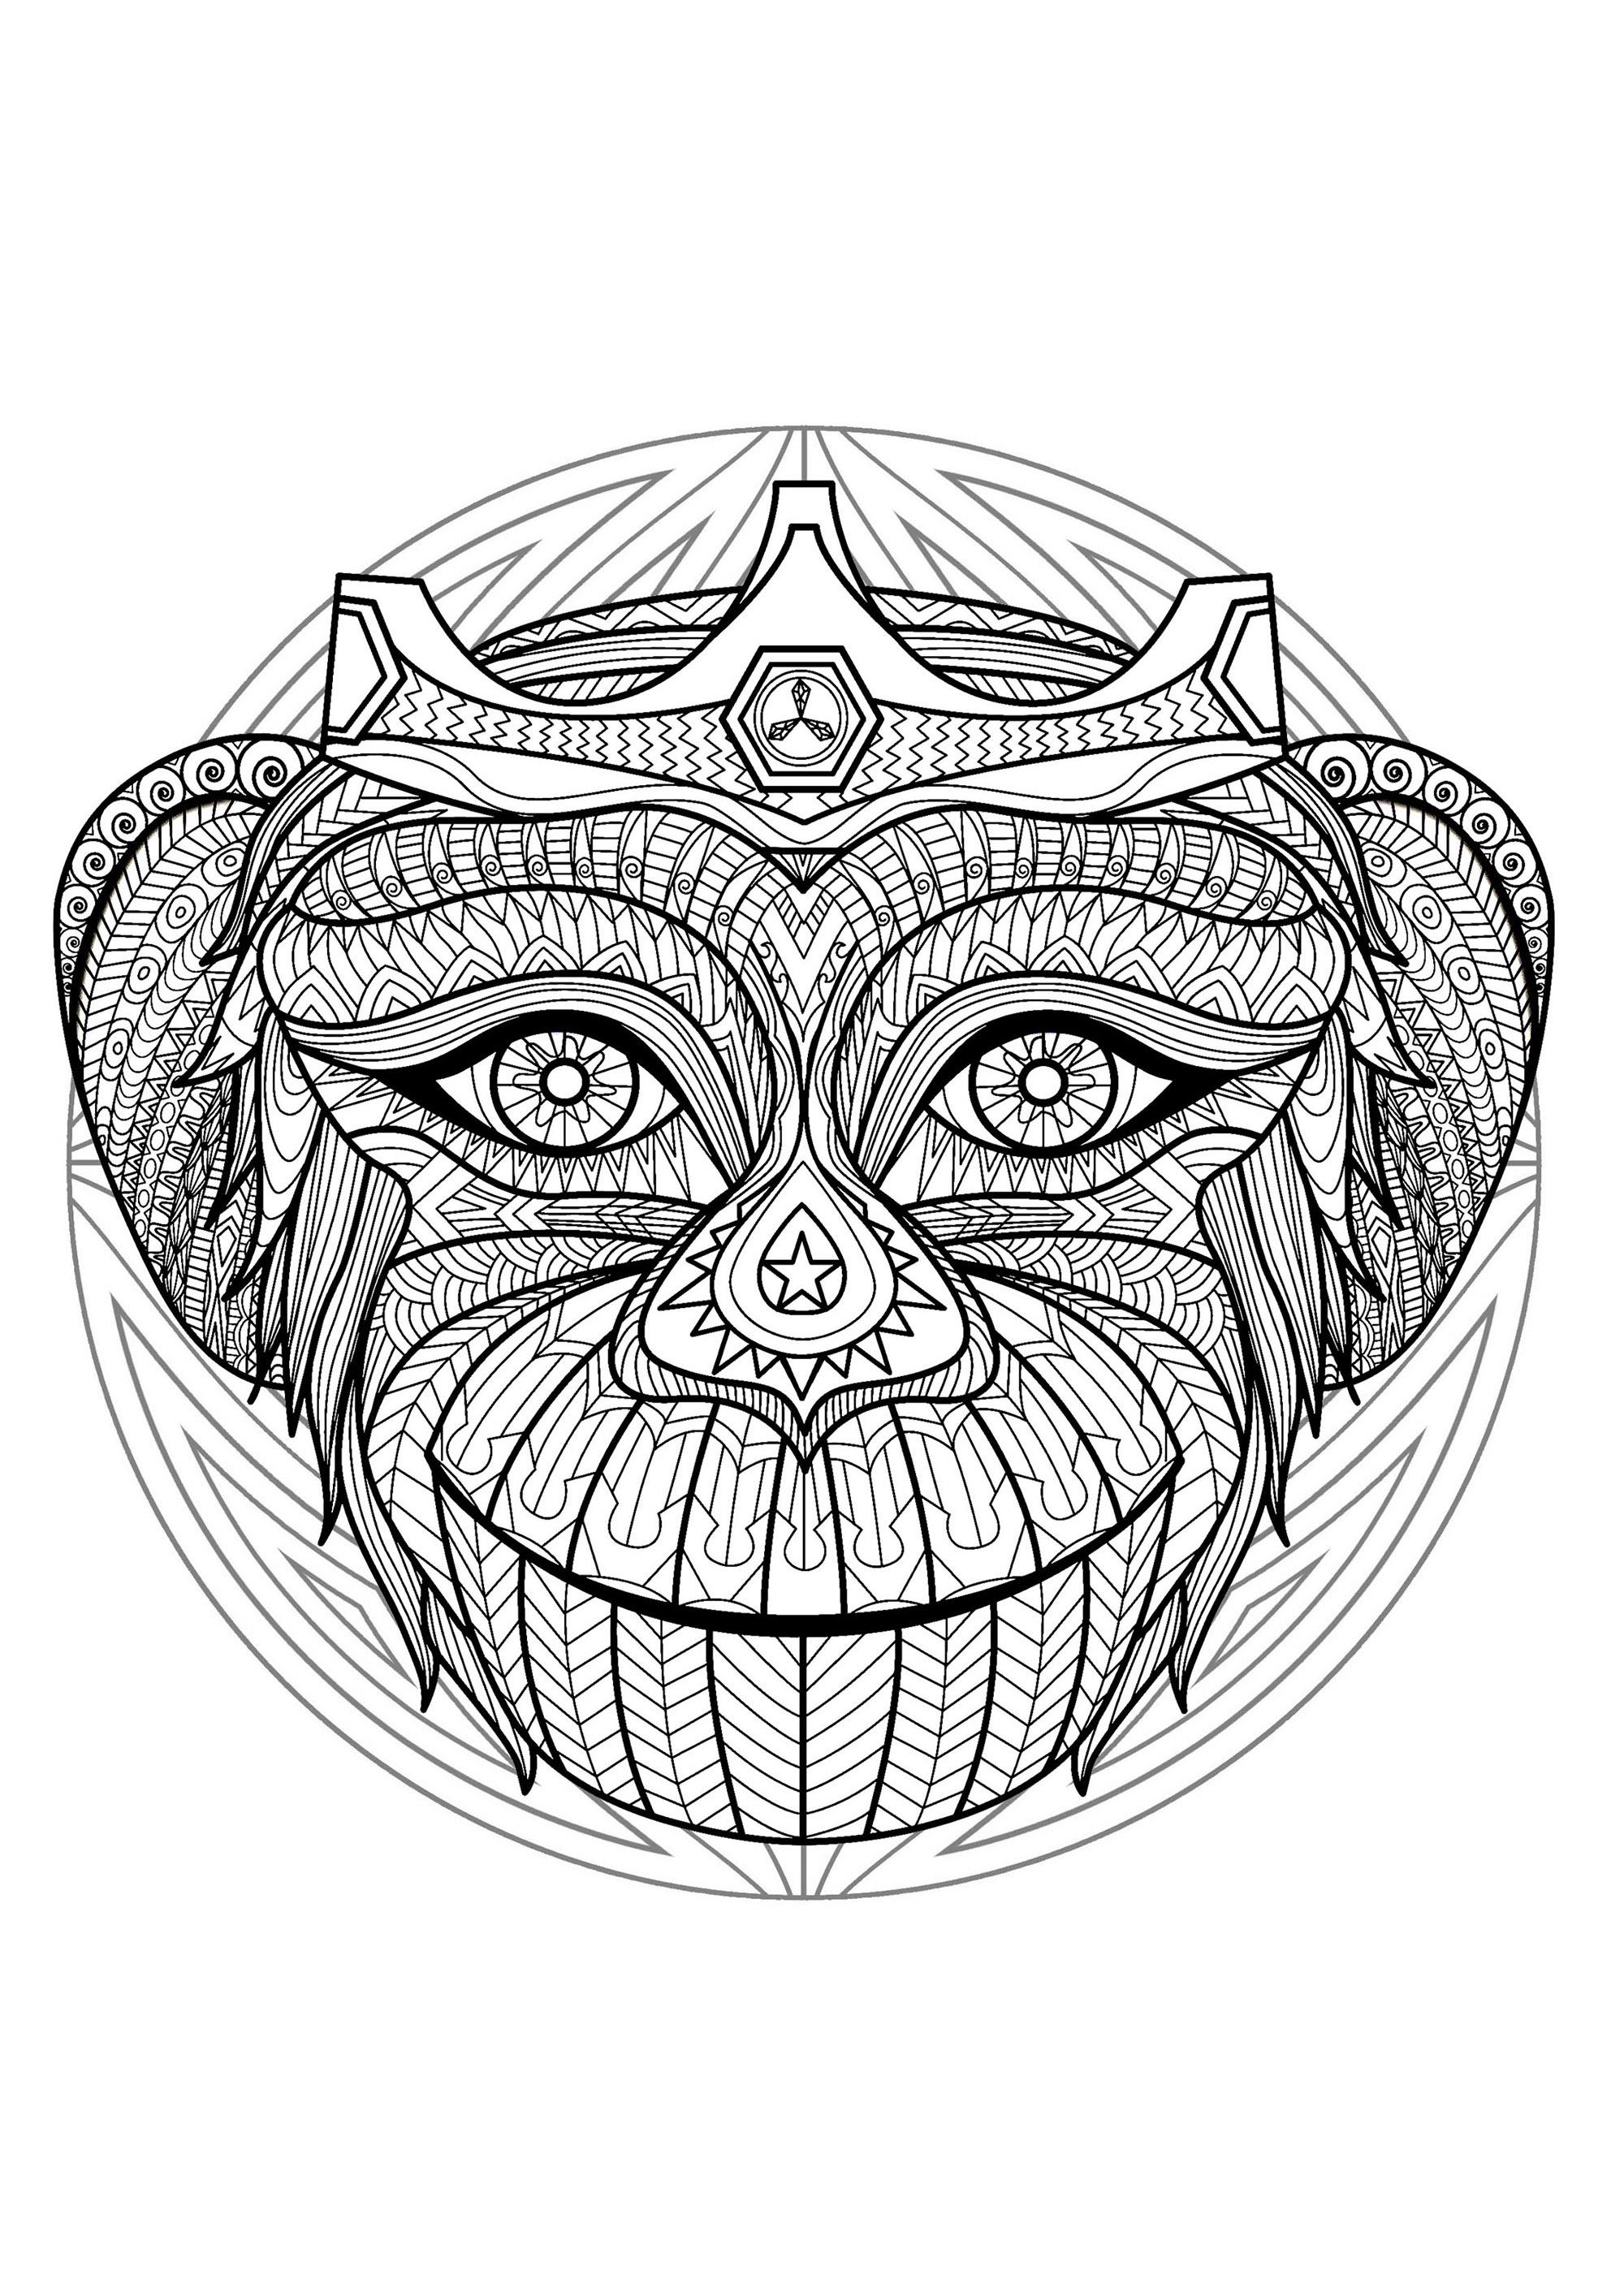 Mandala gratuit tete singe 2 - Coloriage Mandalas - Coloriages pour enfants